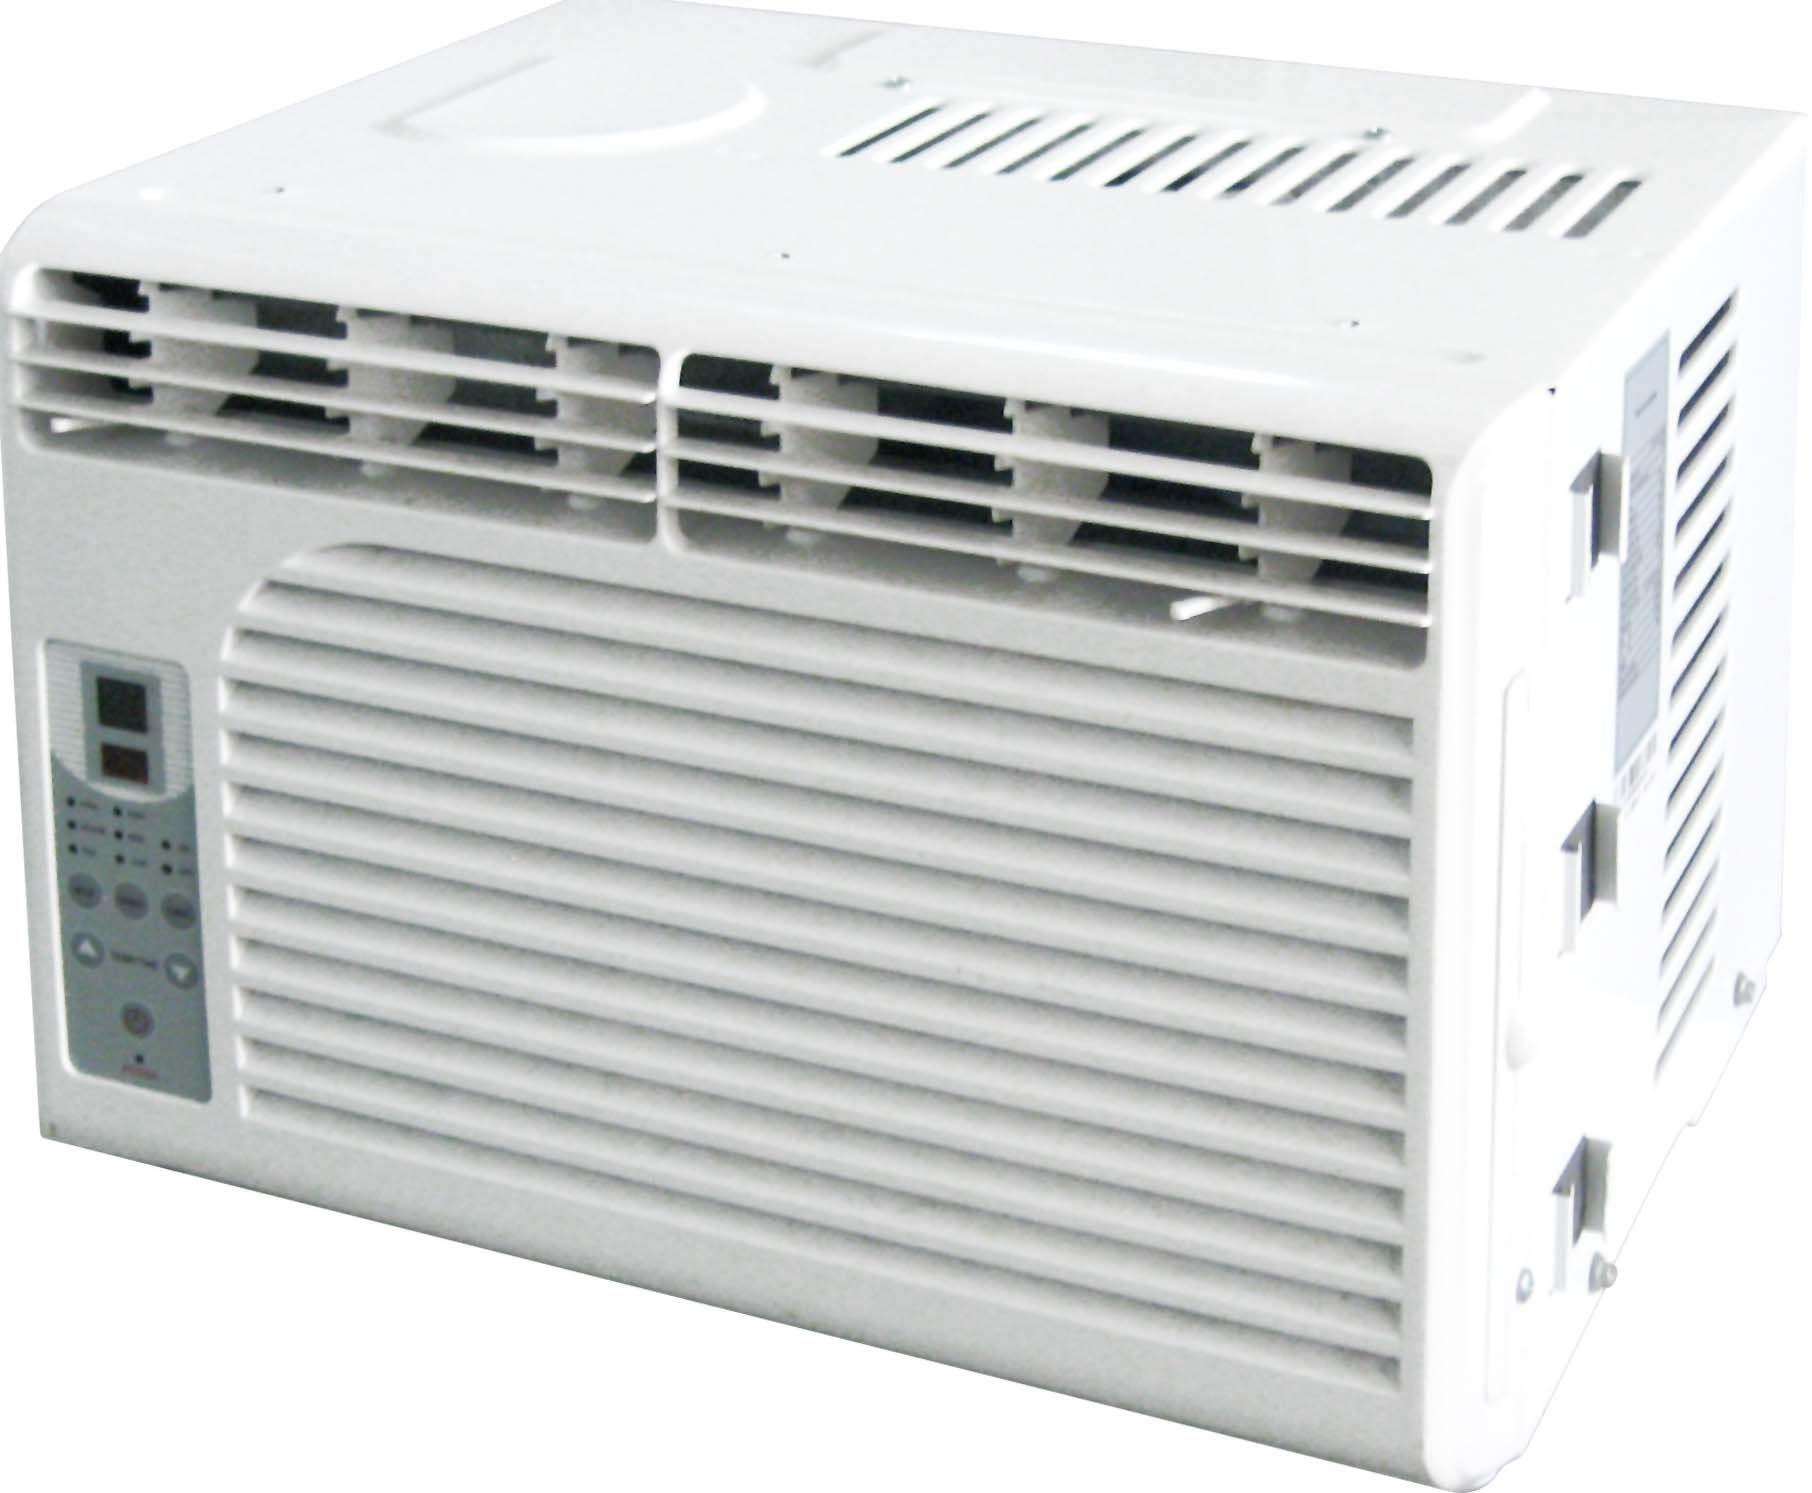 Tipos de aires acondicionados - Humidificador para aire acondicionado ...